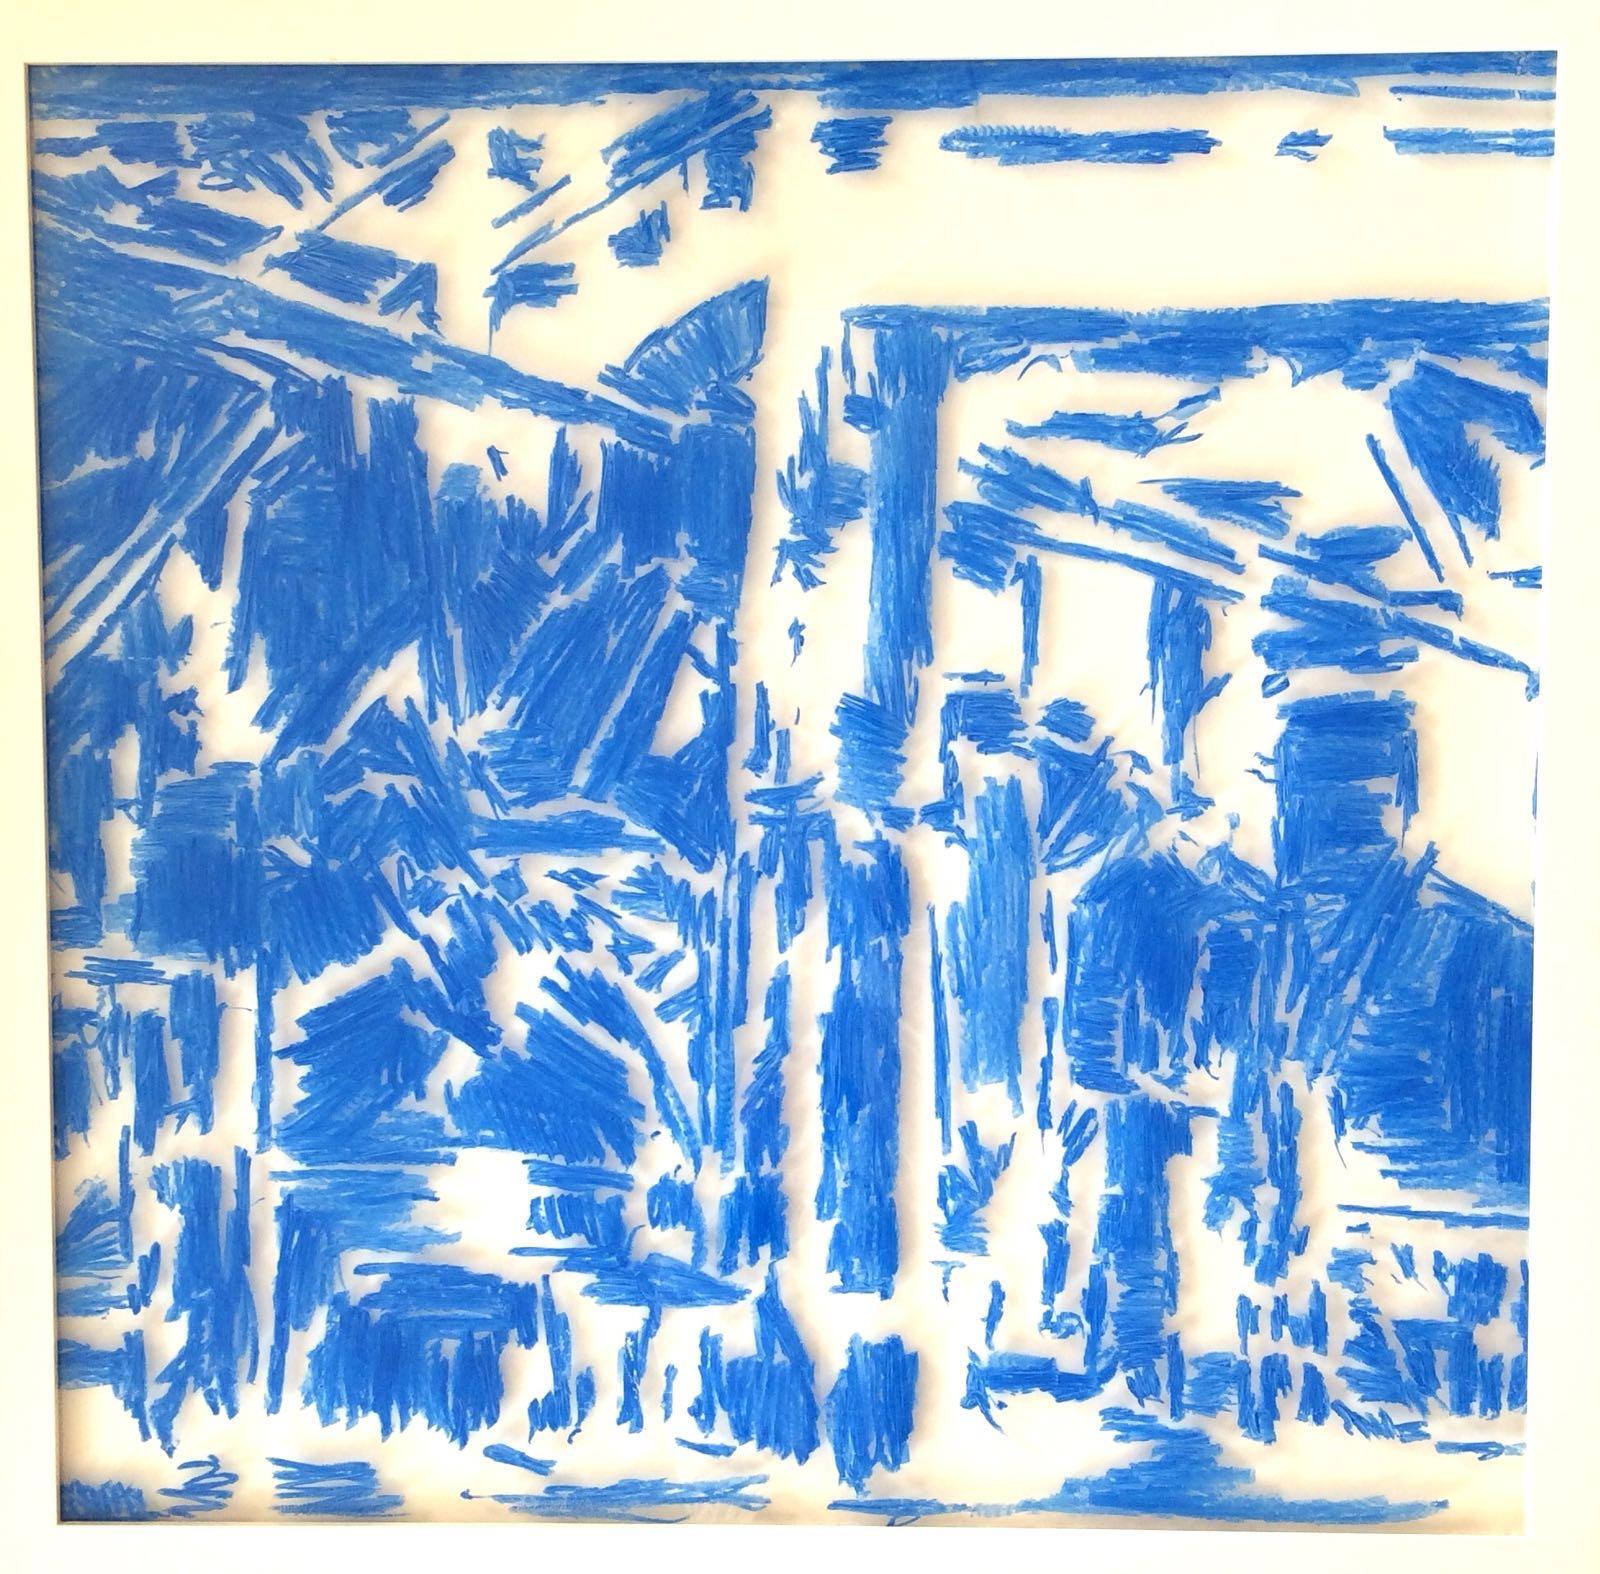 Delft Blue 203 #5 - 2016